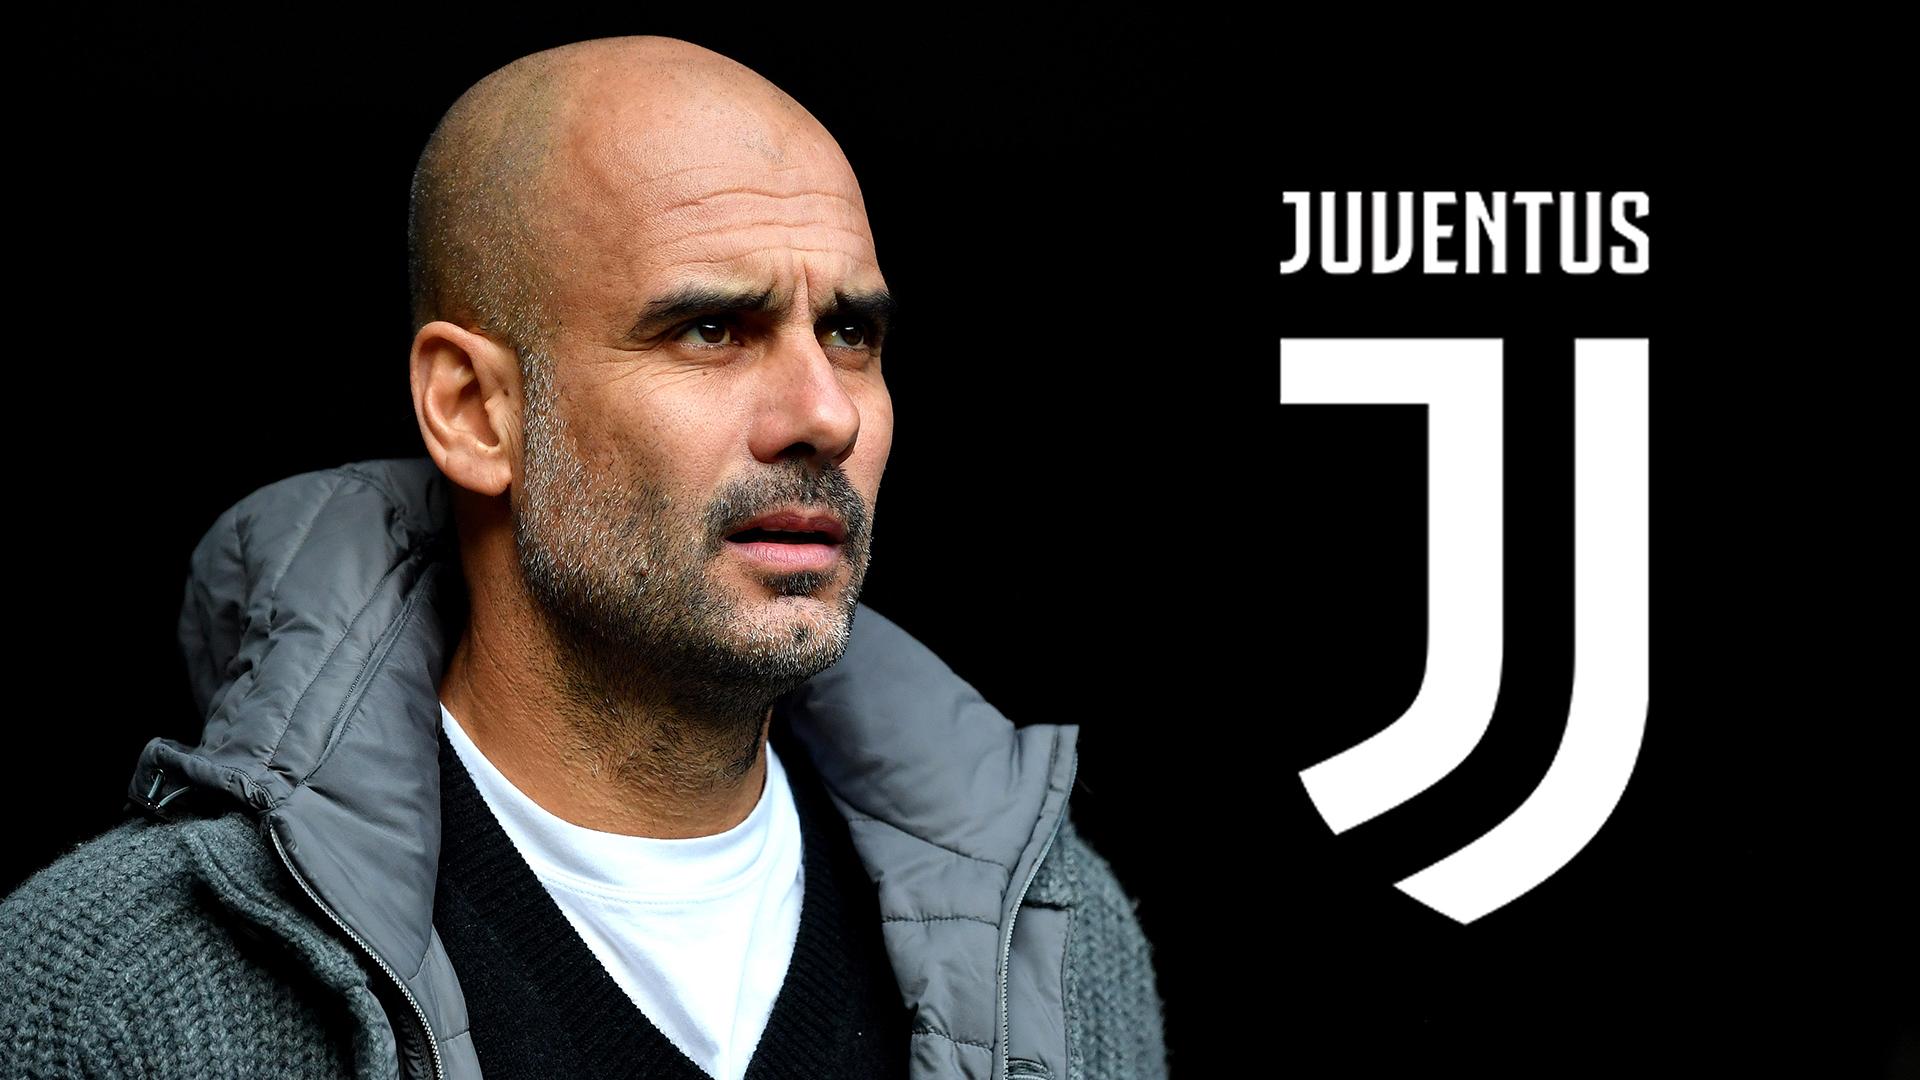 Juventus, clamoroso, l'AGI rivela: fatta per Guardiola, il 4 giugno l'ufficialità